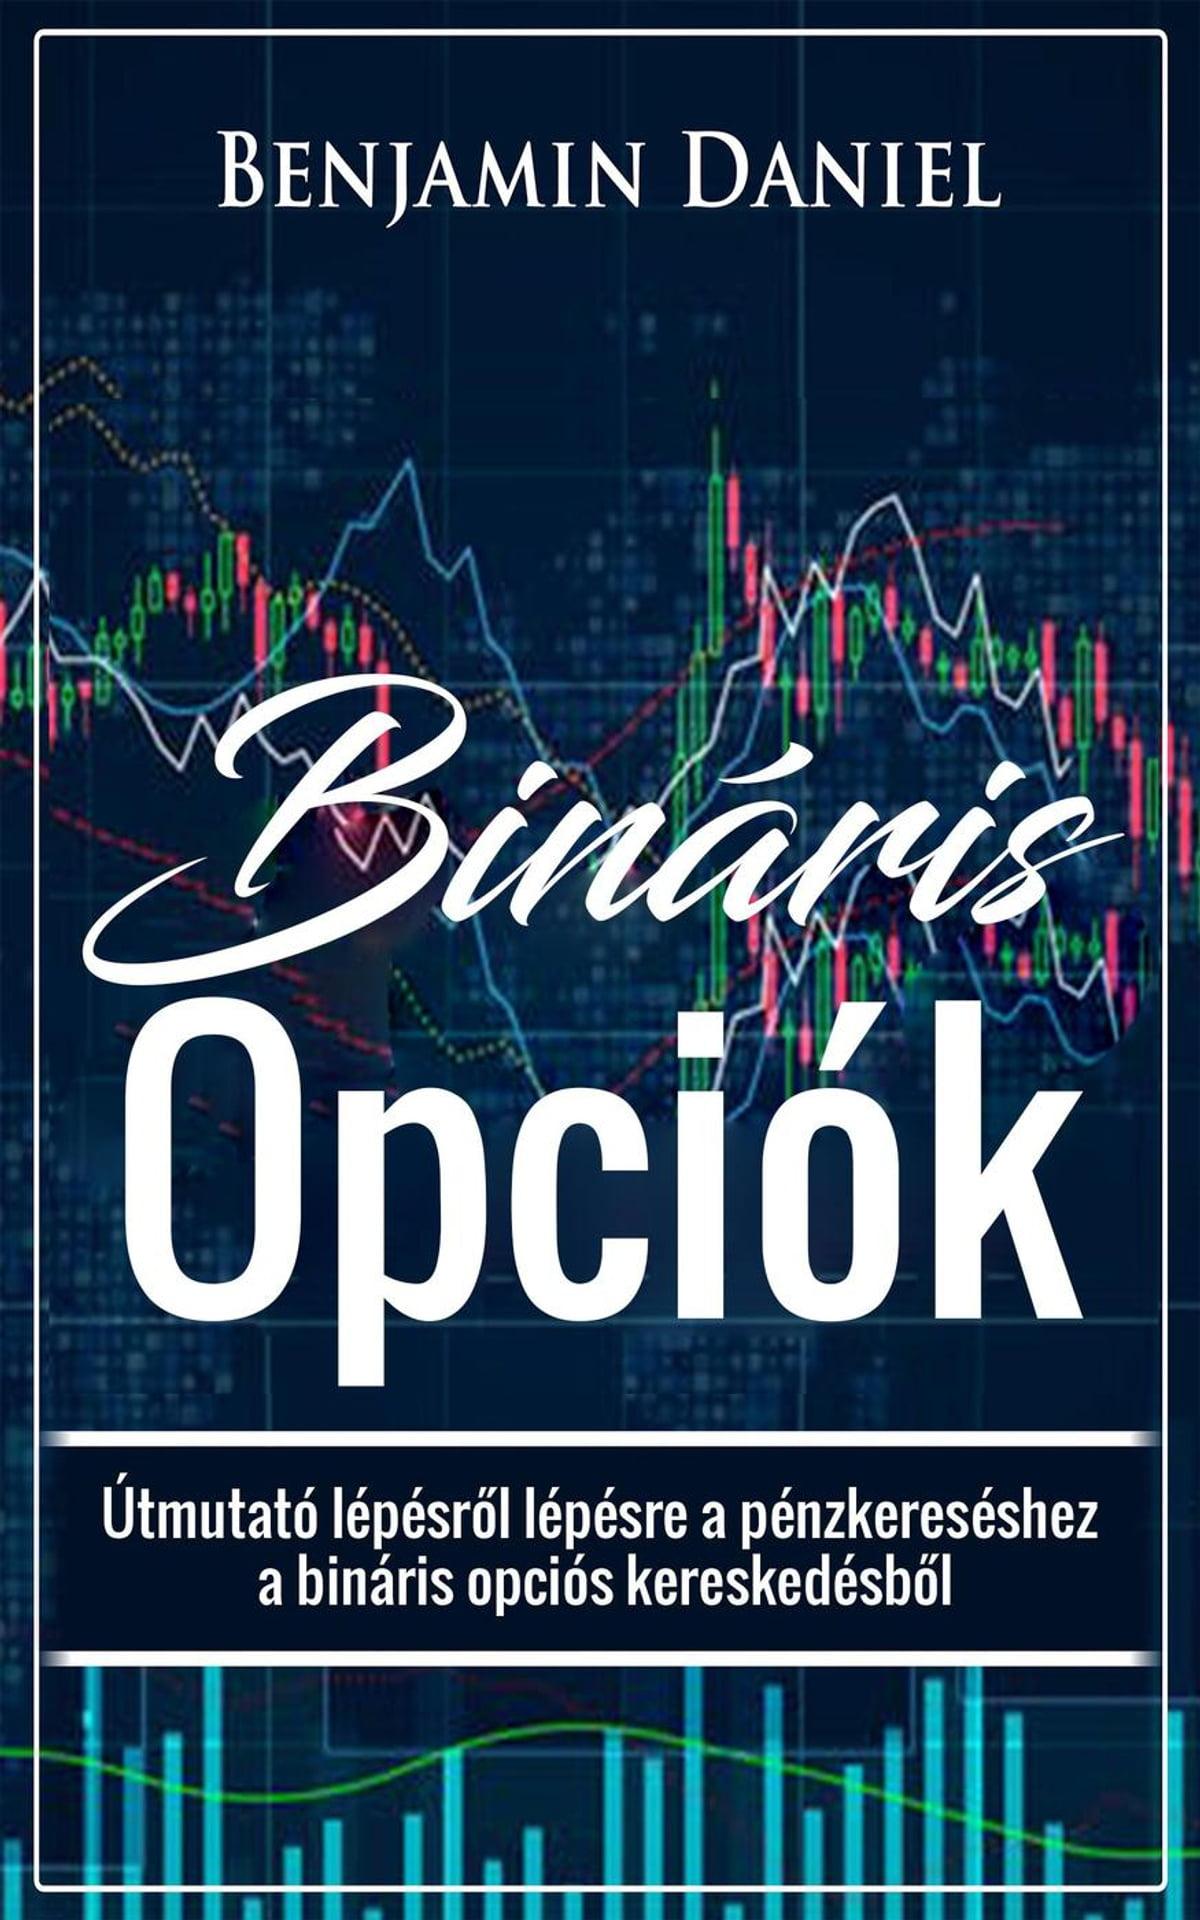 bináris opciós kereskedés mi ez mit mutat a bináris opciós diagram